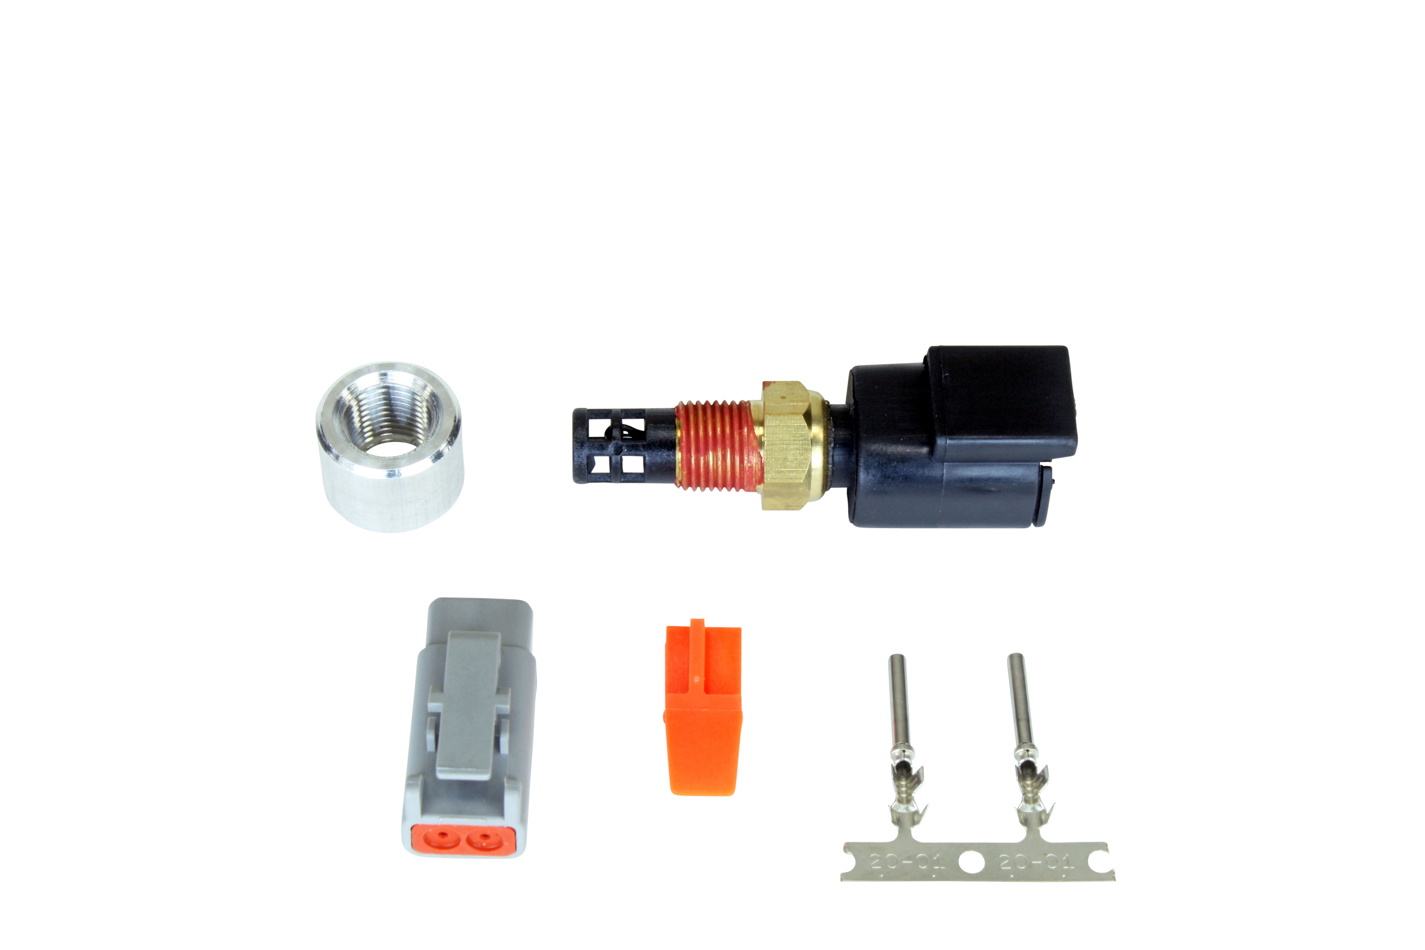 Aem Air Temp Sensor Kit 1/8in NPT